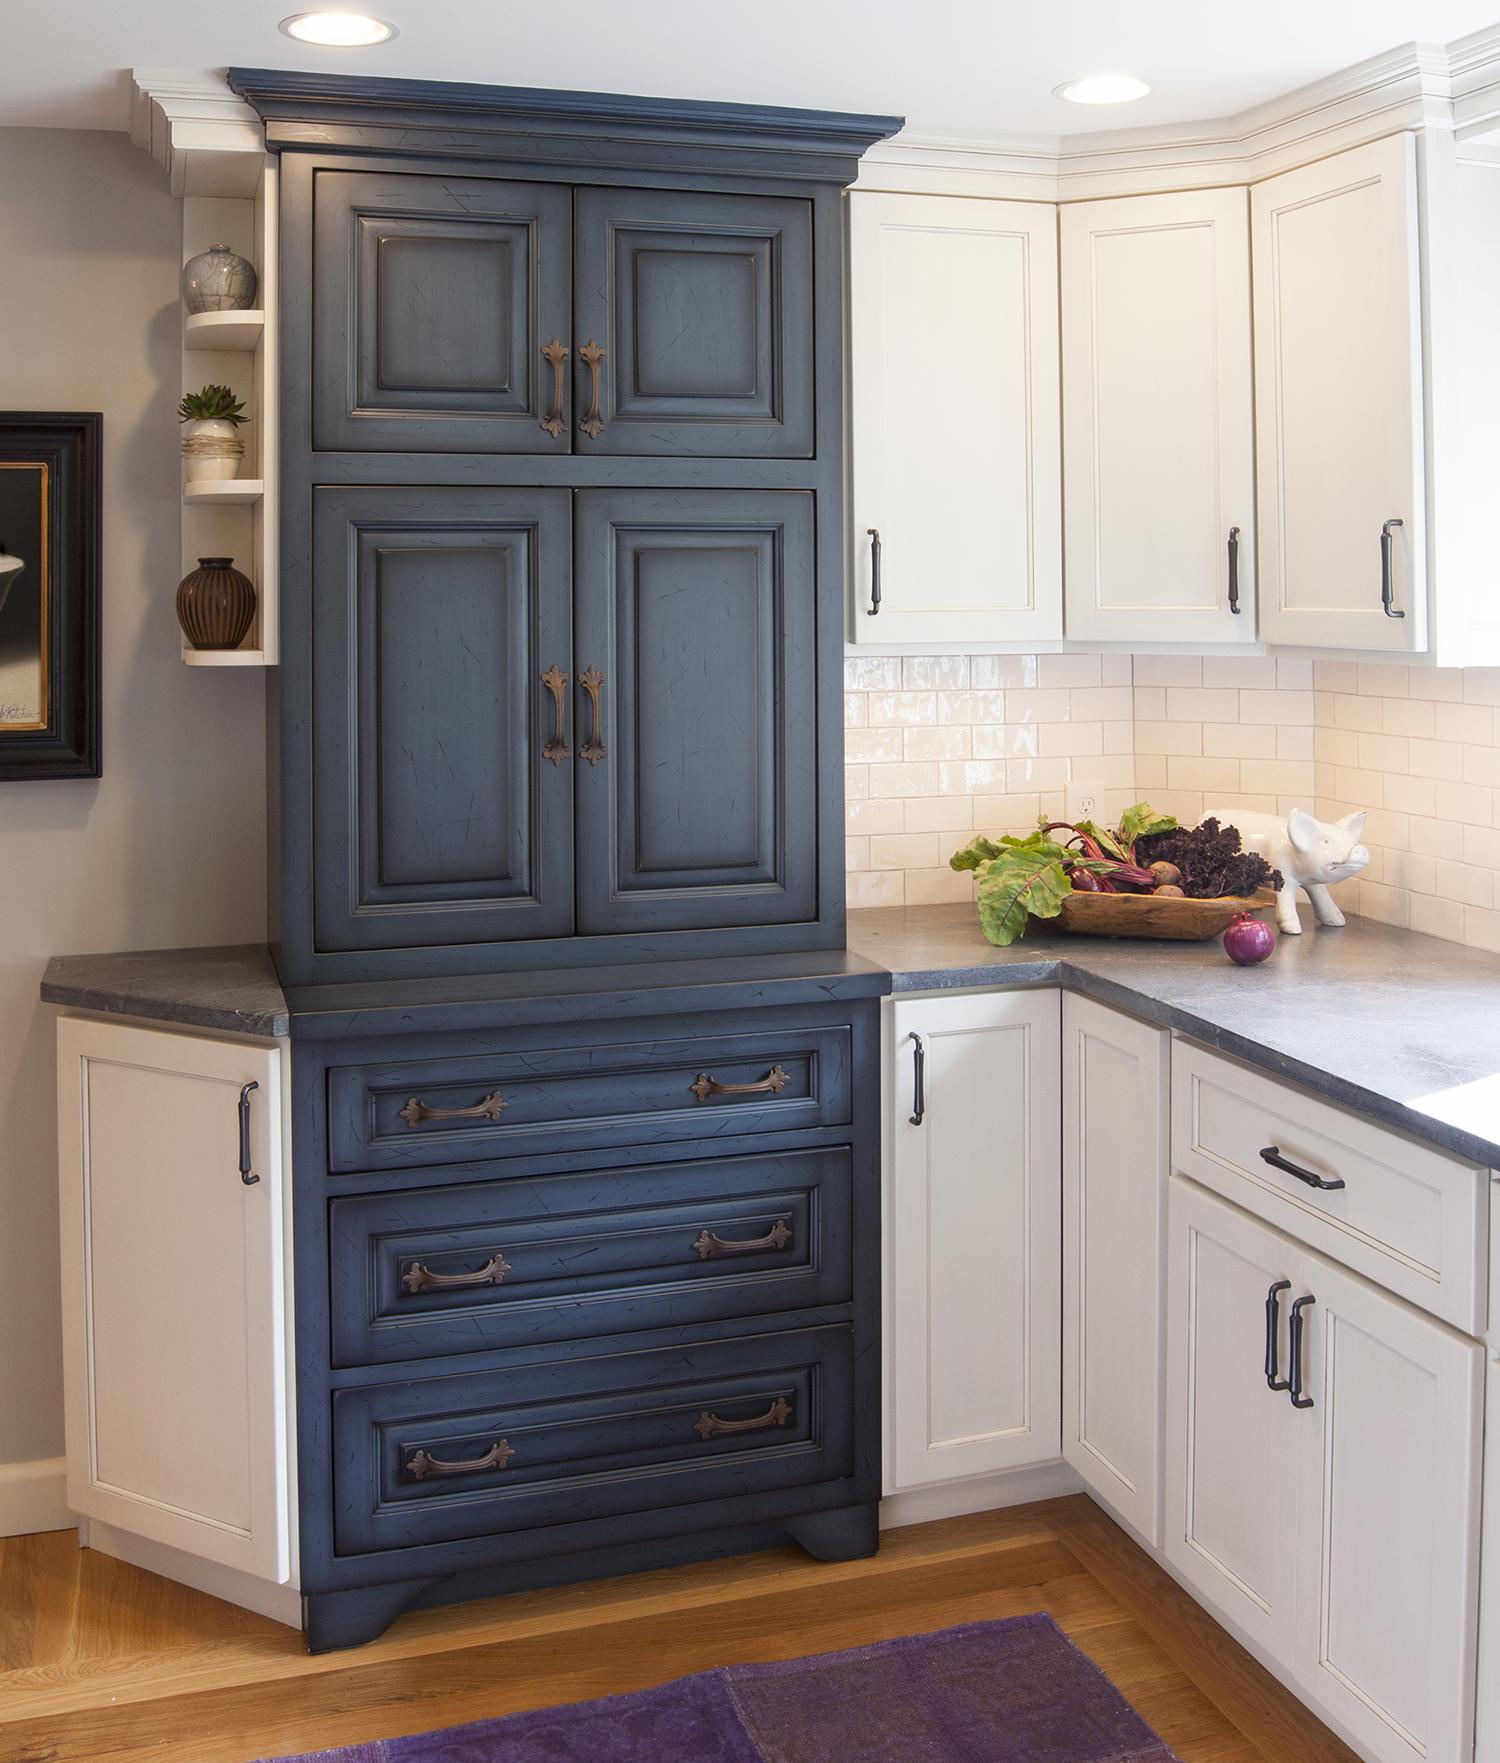 Village Cabinet Design / Medway, MA